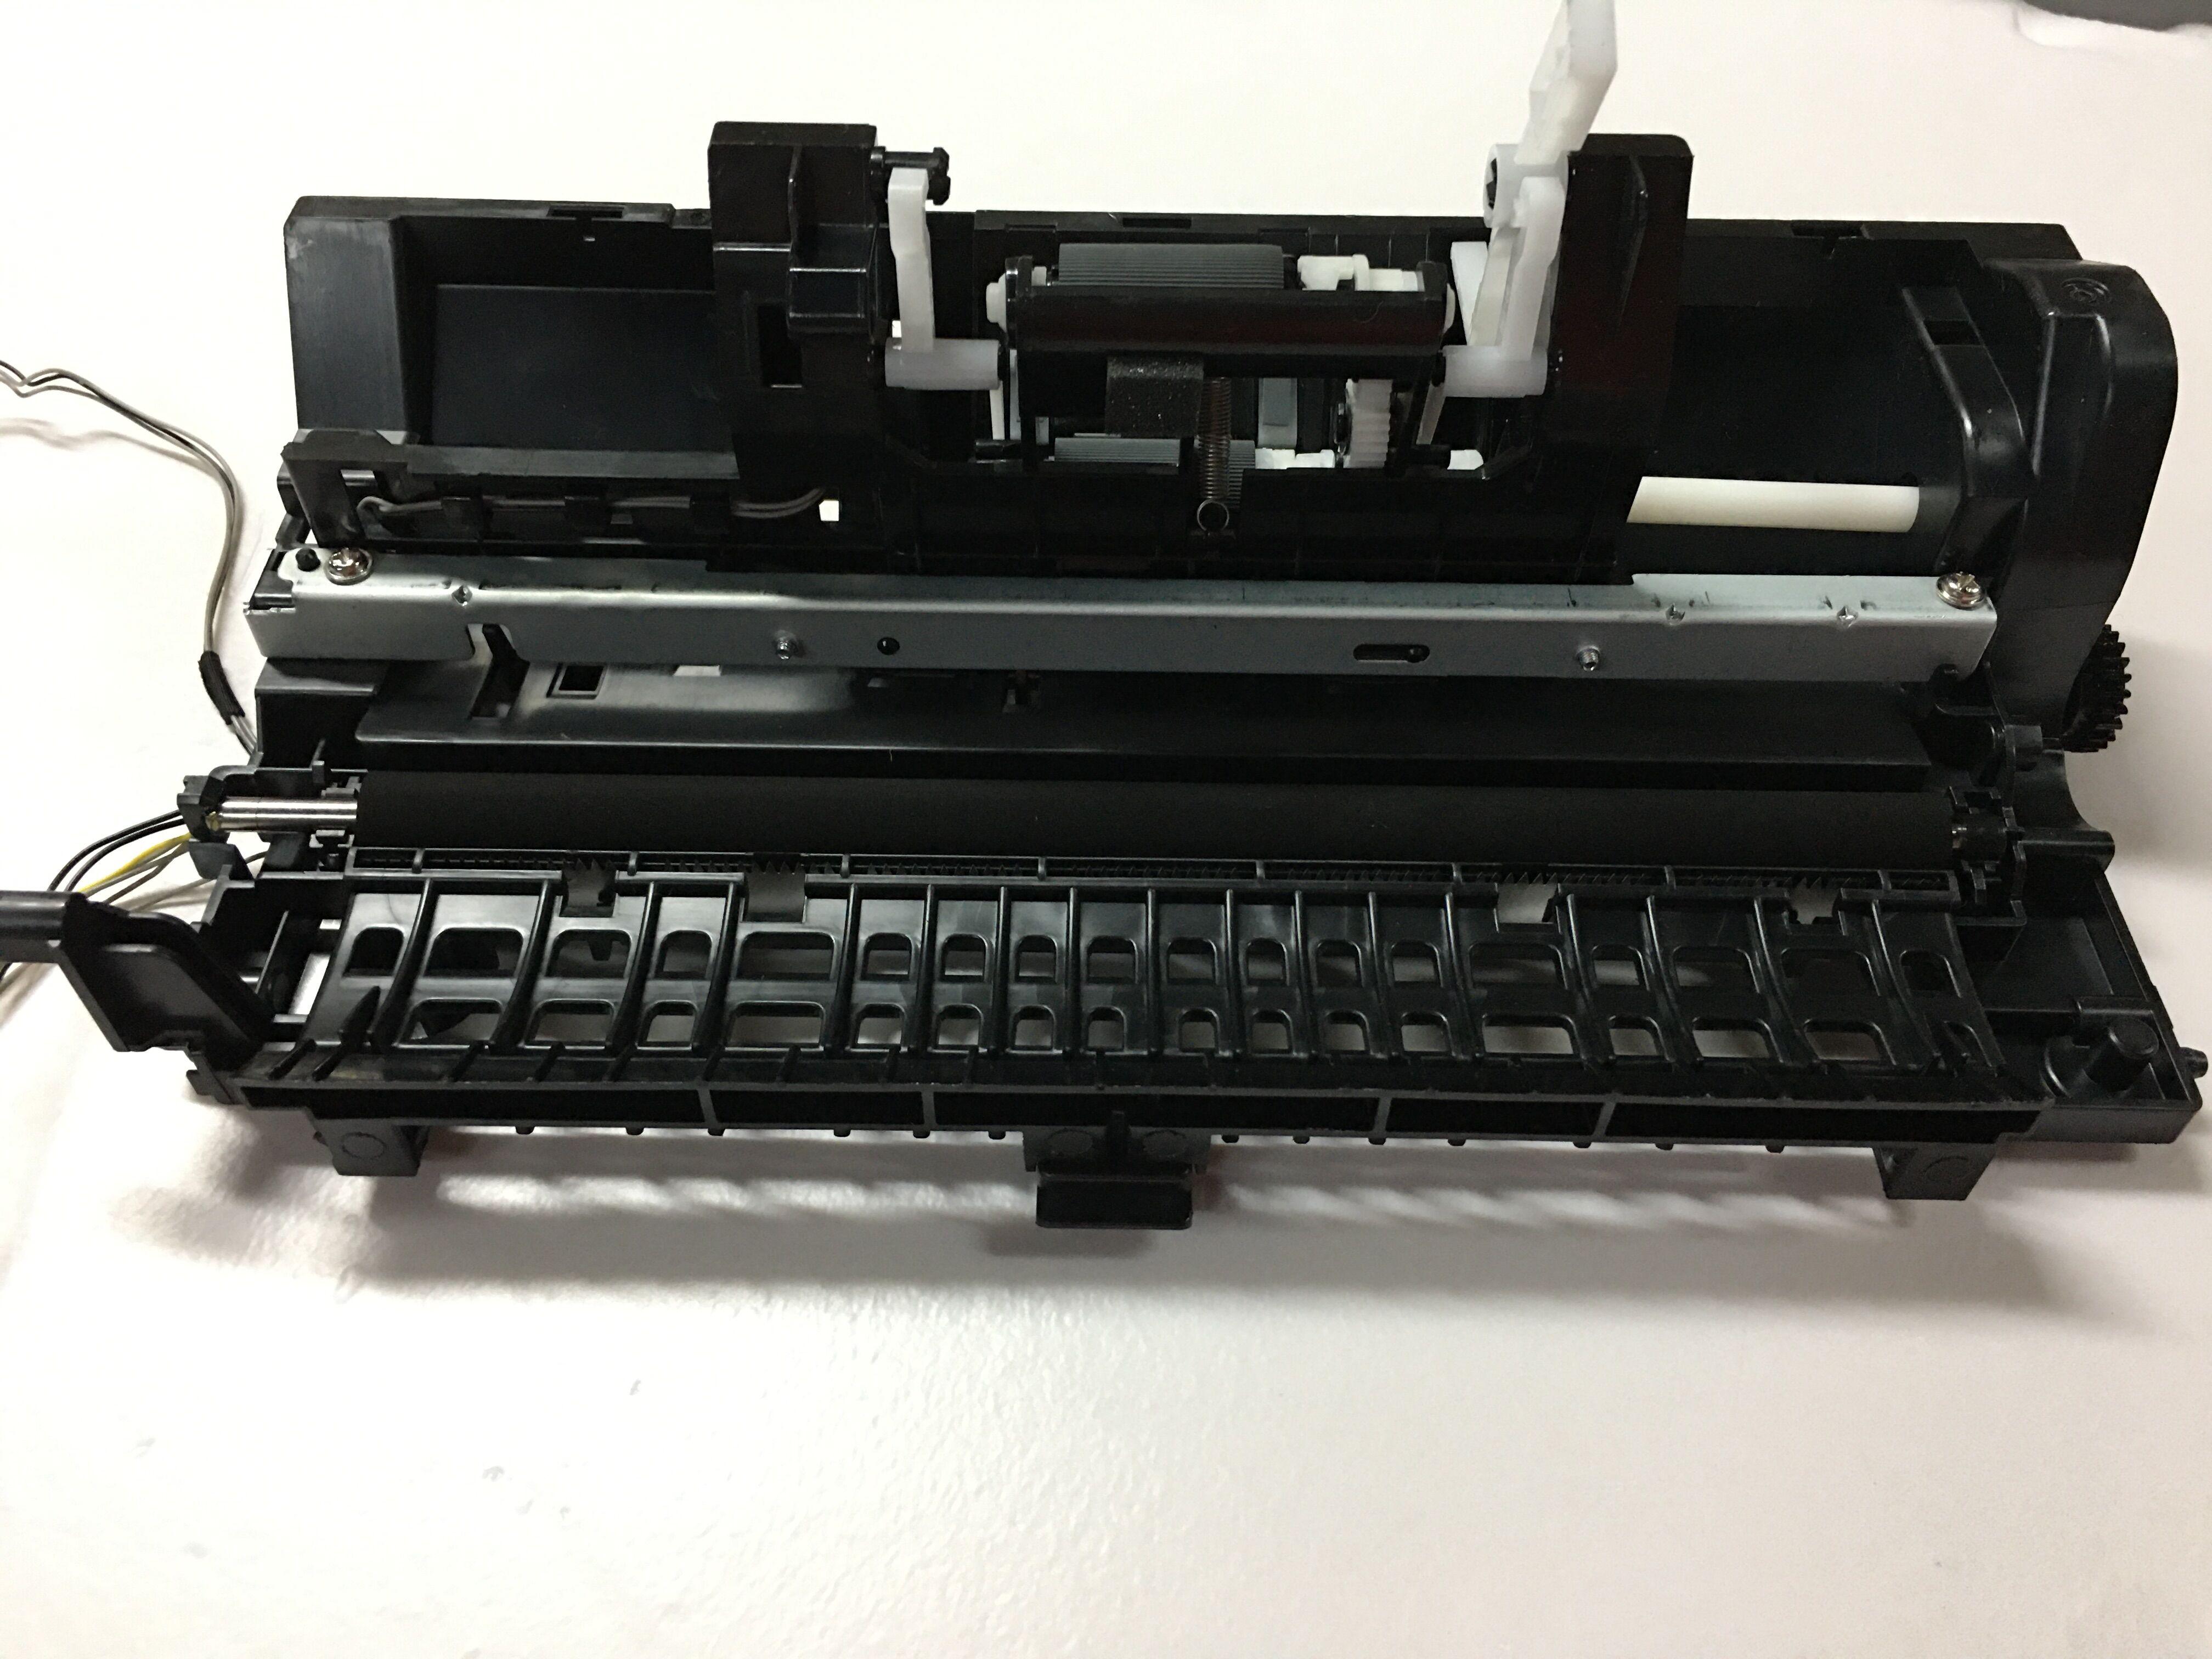 适用惠普103a 108w吸纸器 136nw 131 133 138 进纸器 搓纸轮